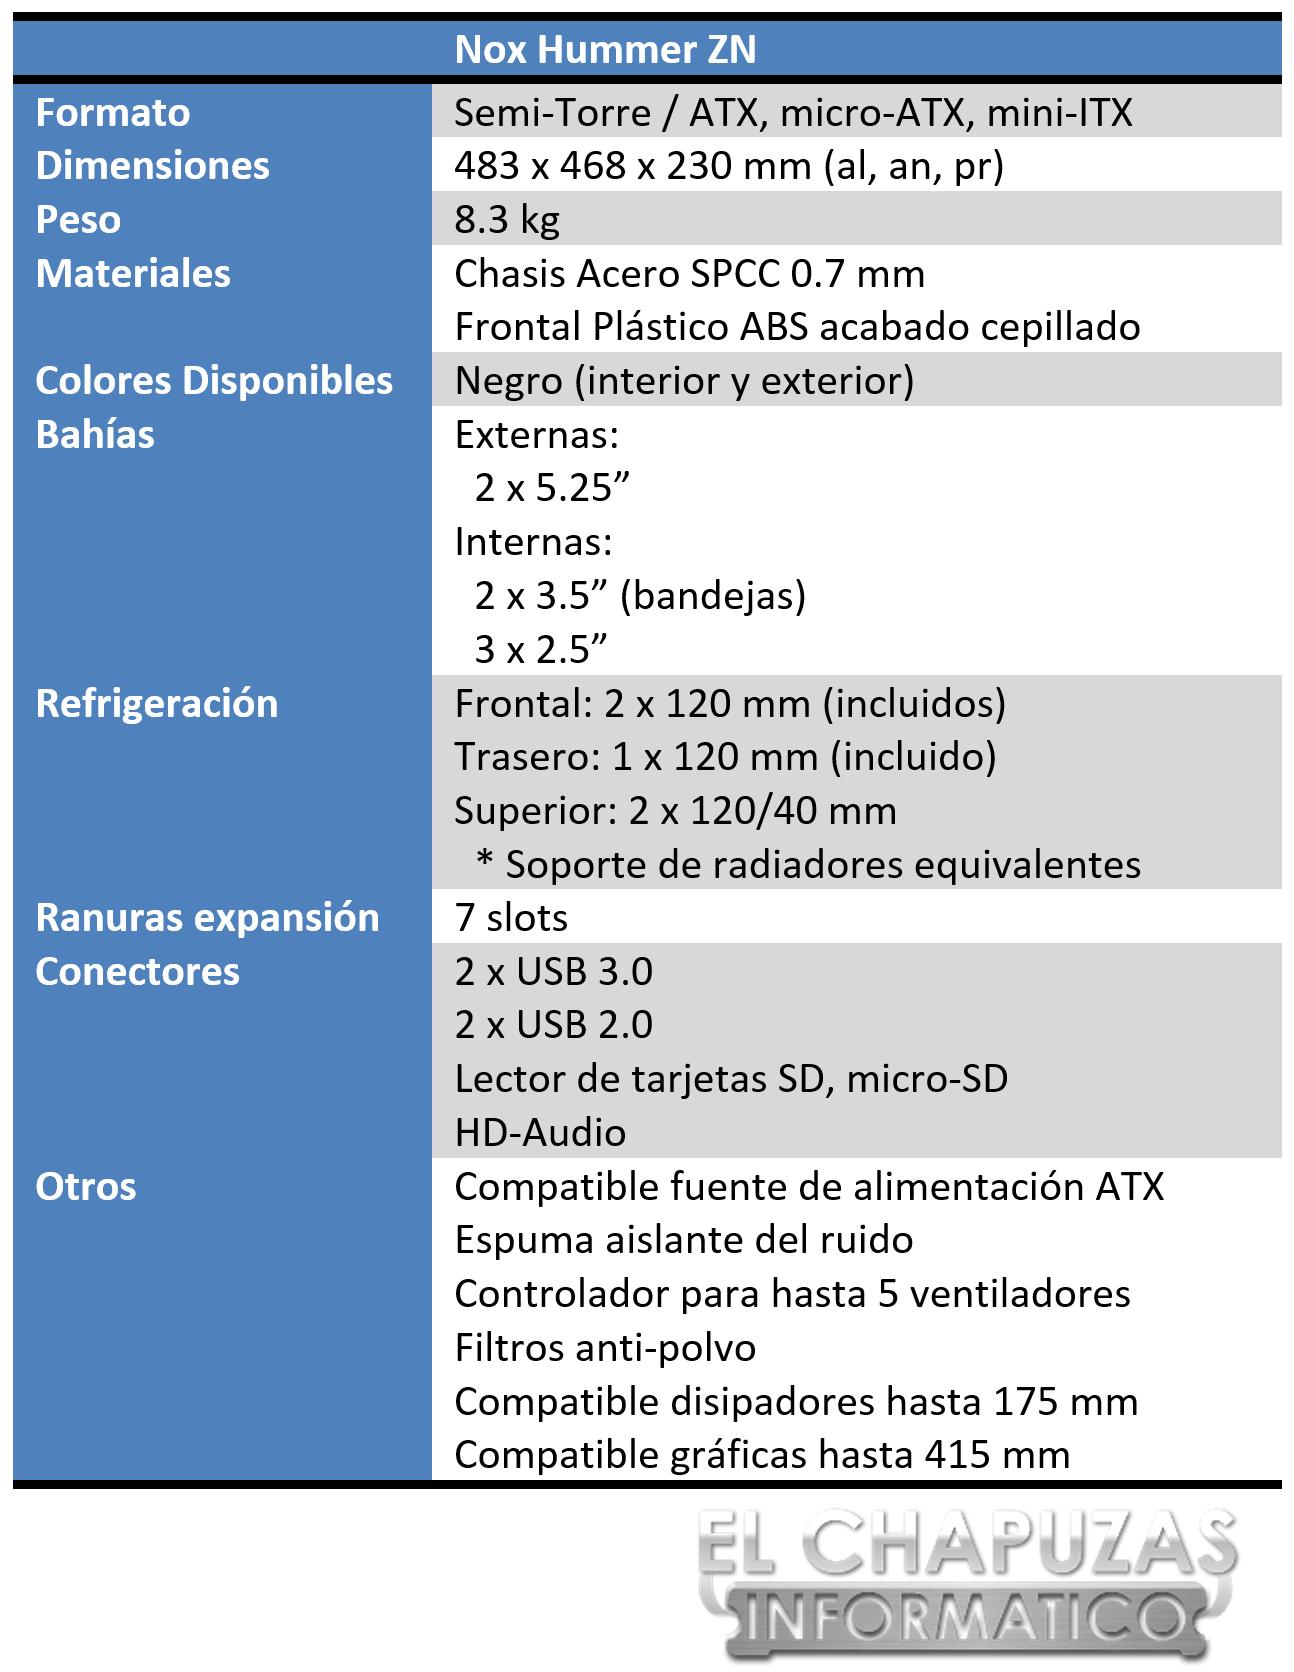 Nox Hummer ZN Especificaciones